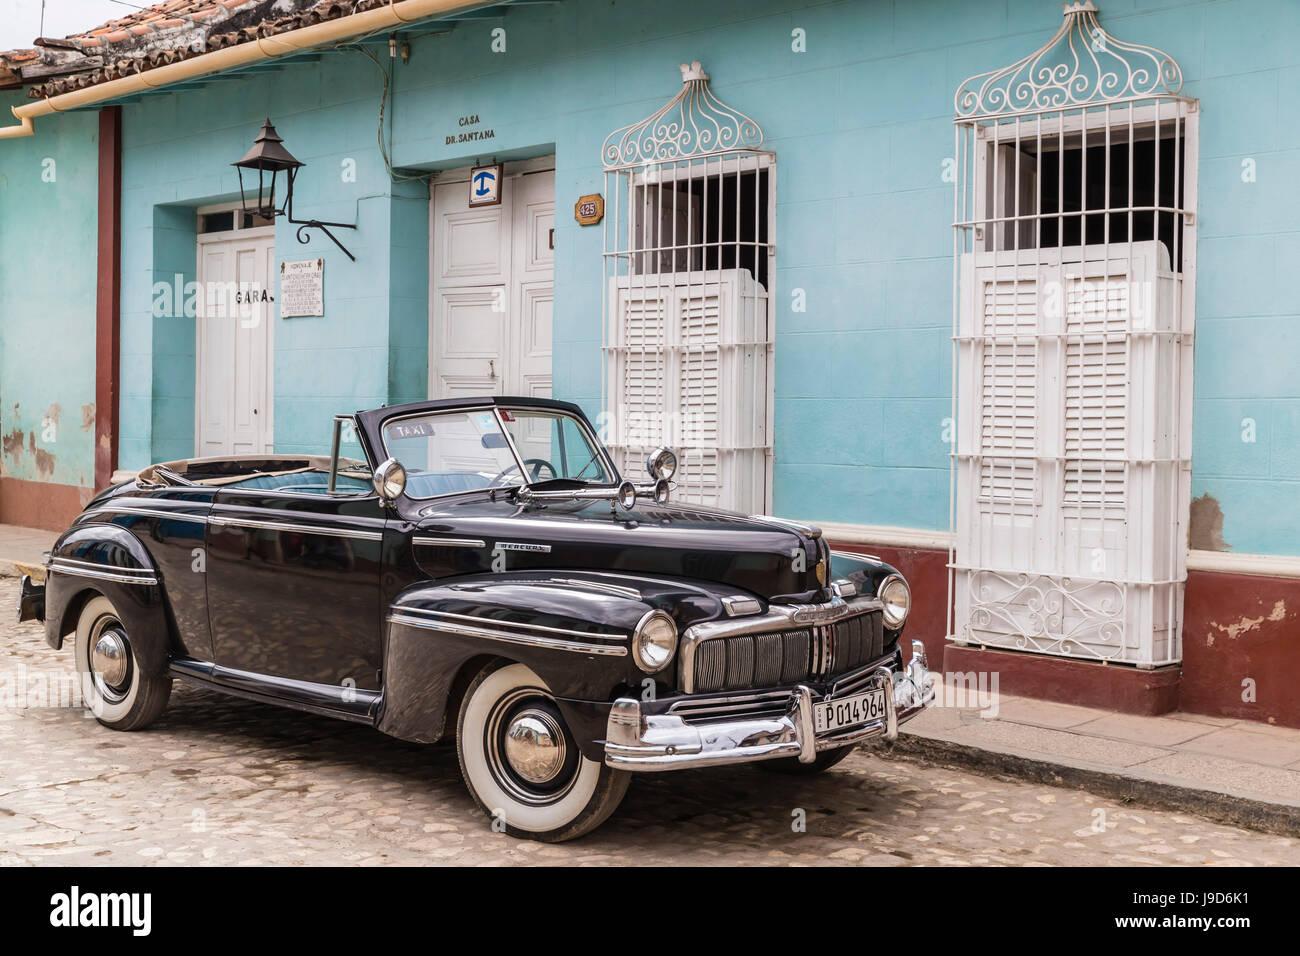 Un millésime 1948 American Mercury 8 comme un taxi dans la ville de Trinidad, l'UNESCO, Cuba, Antilles, Caraïbes Banque D'Images